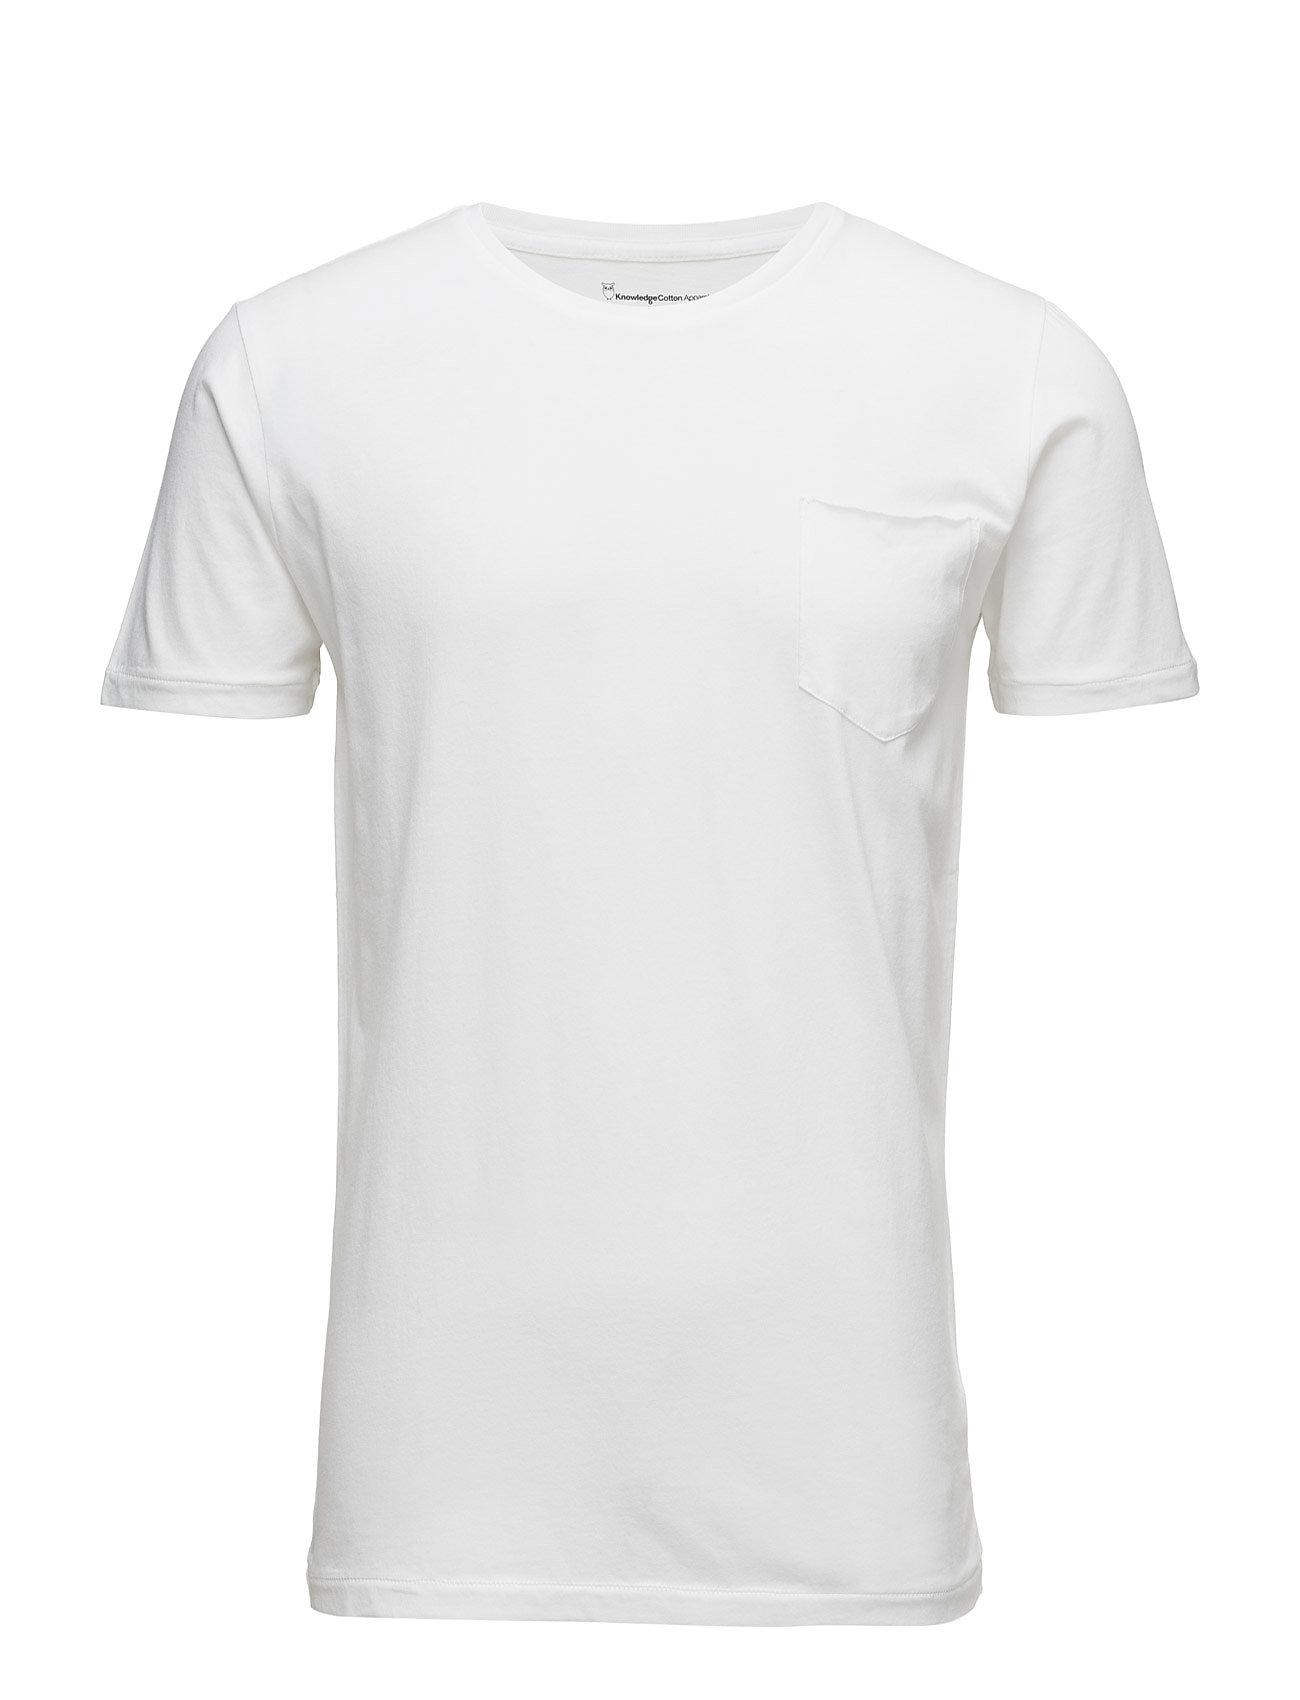 Knowledge Cotton Apparel ALDER tee - BRIGHT WHITE